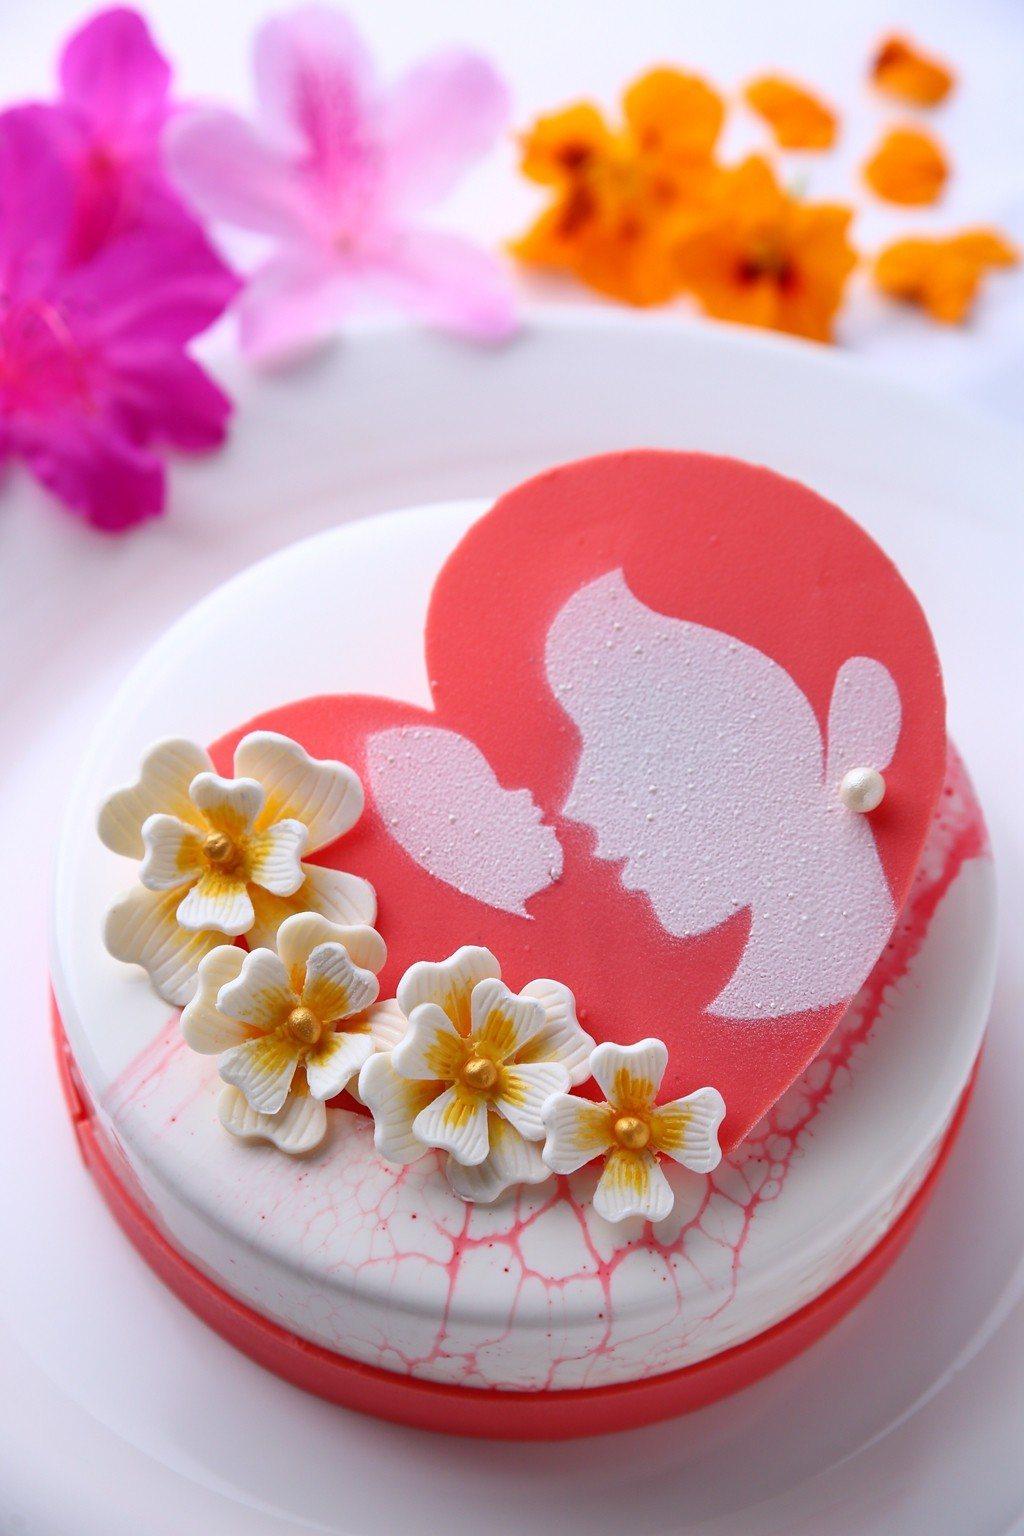 美麗信花園酒店「幸福繽紛莓滿」母親節蛋糕。圖/美麗信花園酒店提供